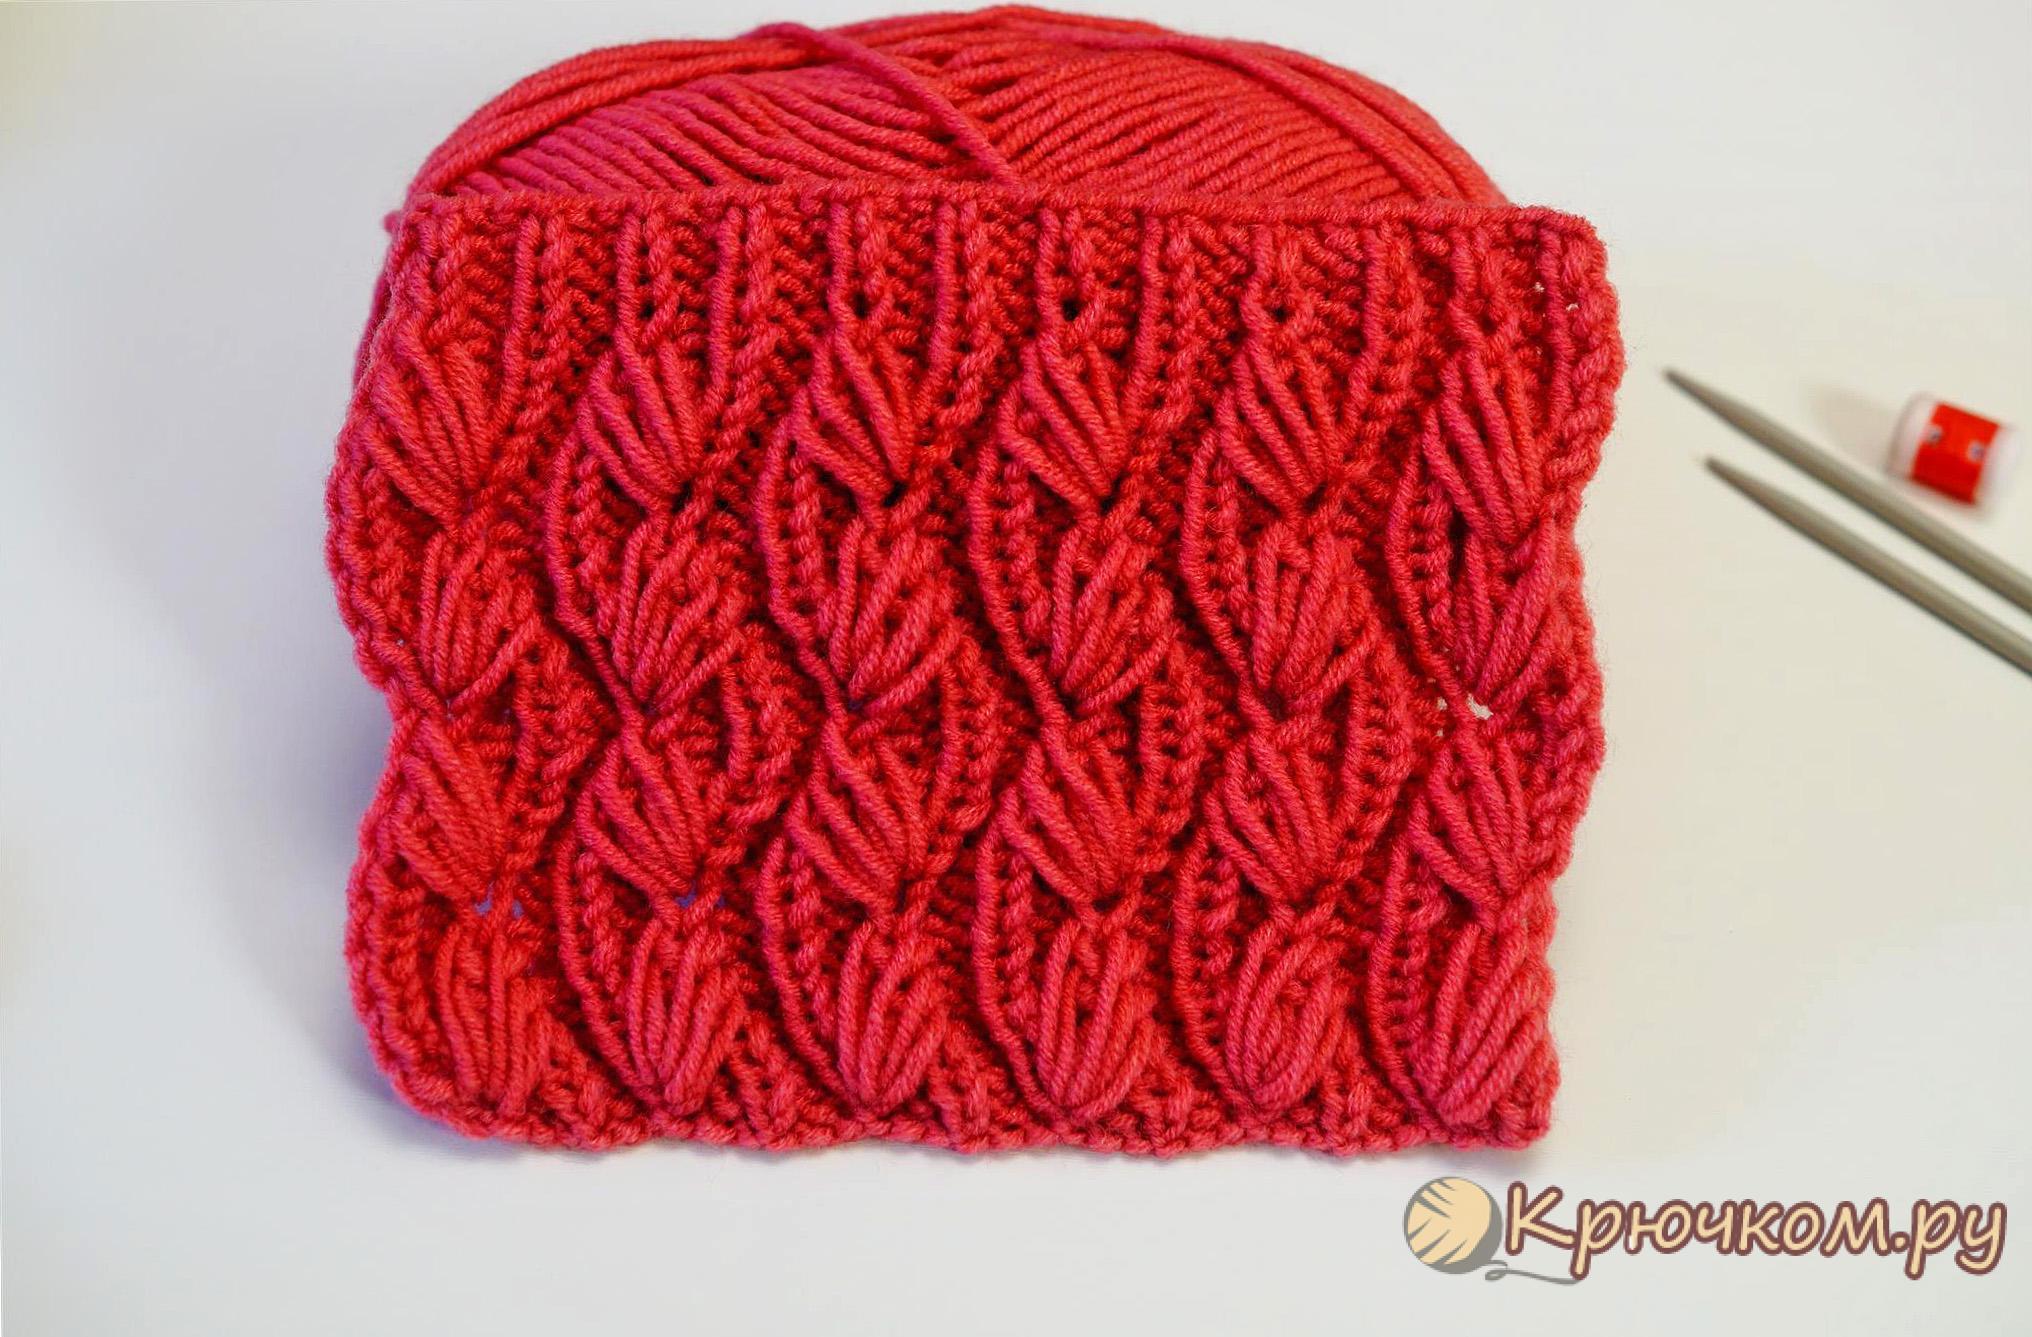 вязание шарфа вытянутыми петлями